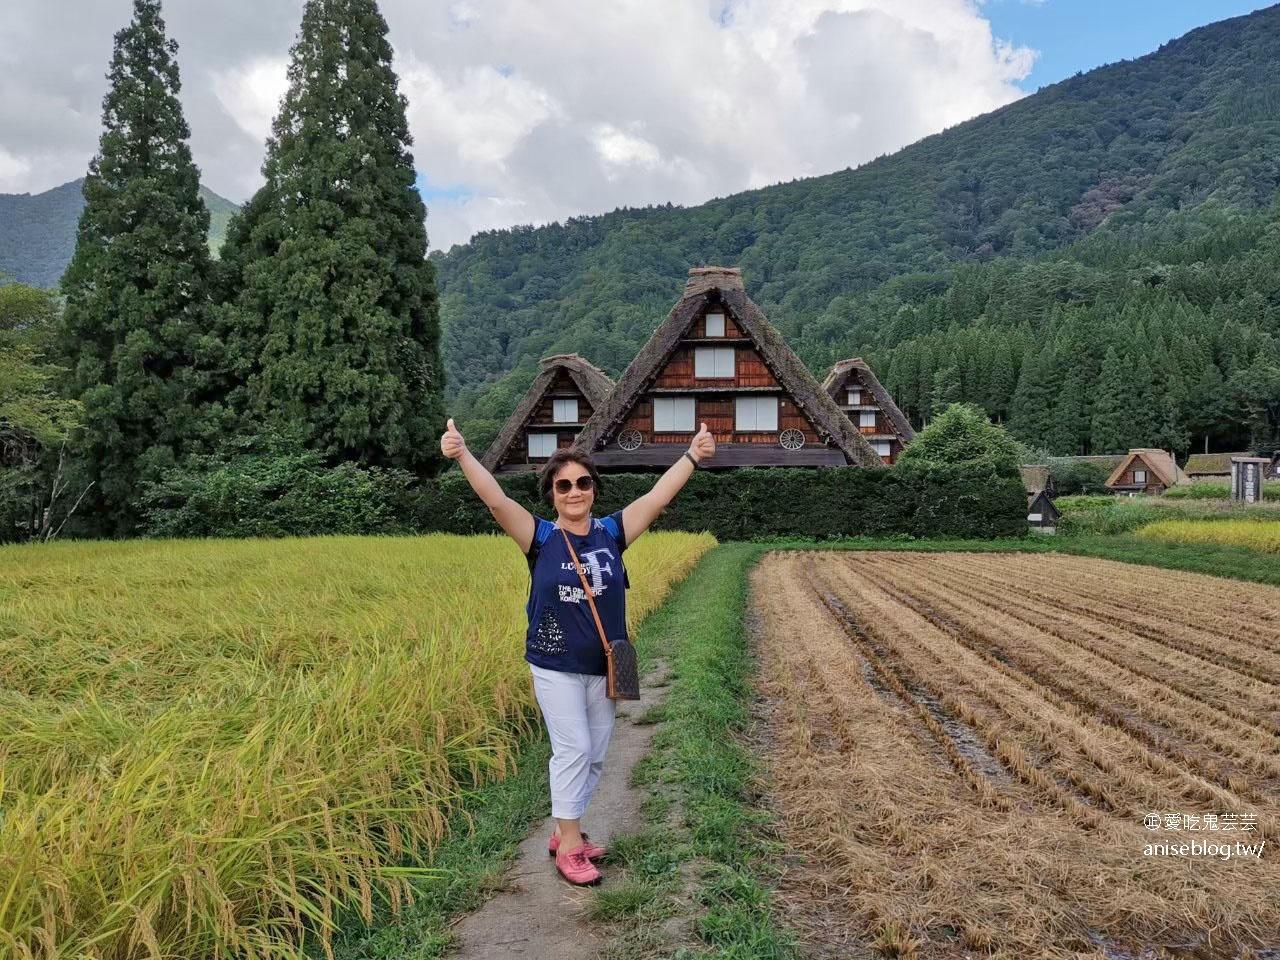 日本中部孝親之旅(上):下呂溫泉、合掌村、宮川朝市、GREEN Cooking Studio、高山老街巡禮